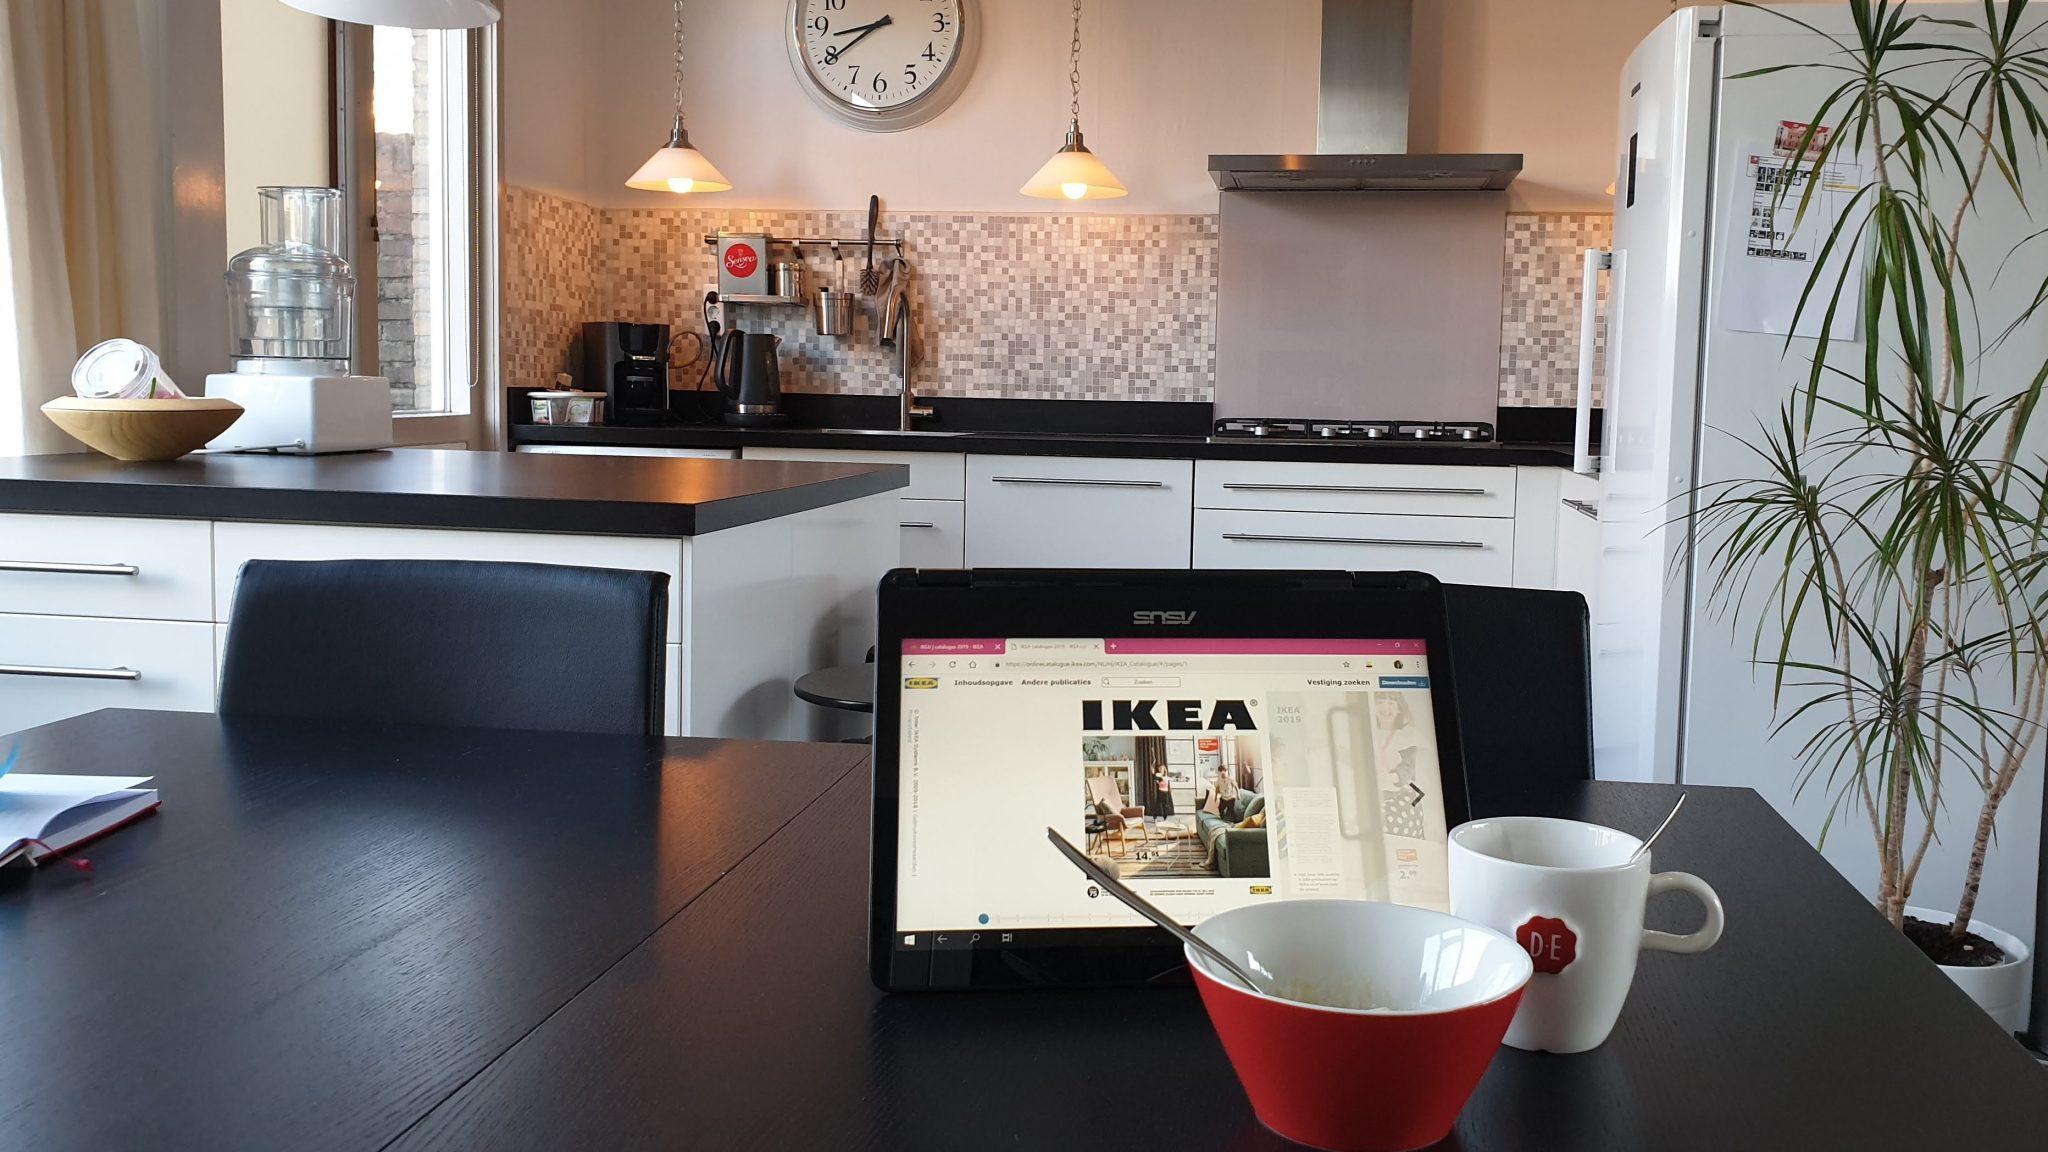 de catalogus van Ikea bekijken op mijn laptop en mijn huis